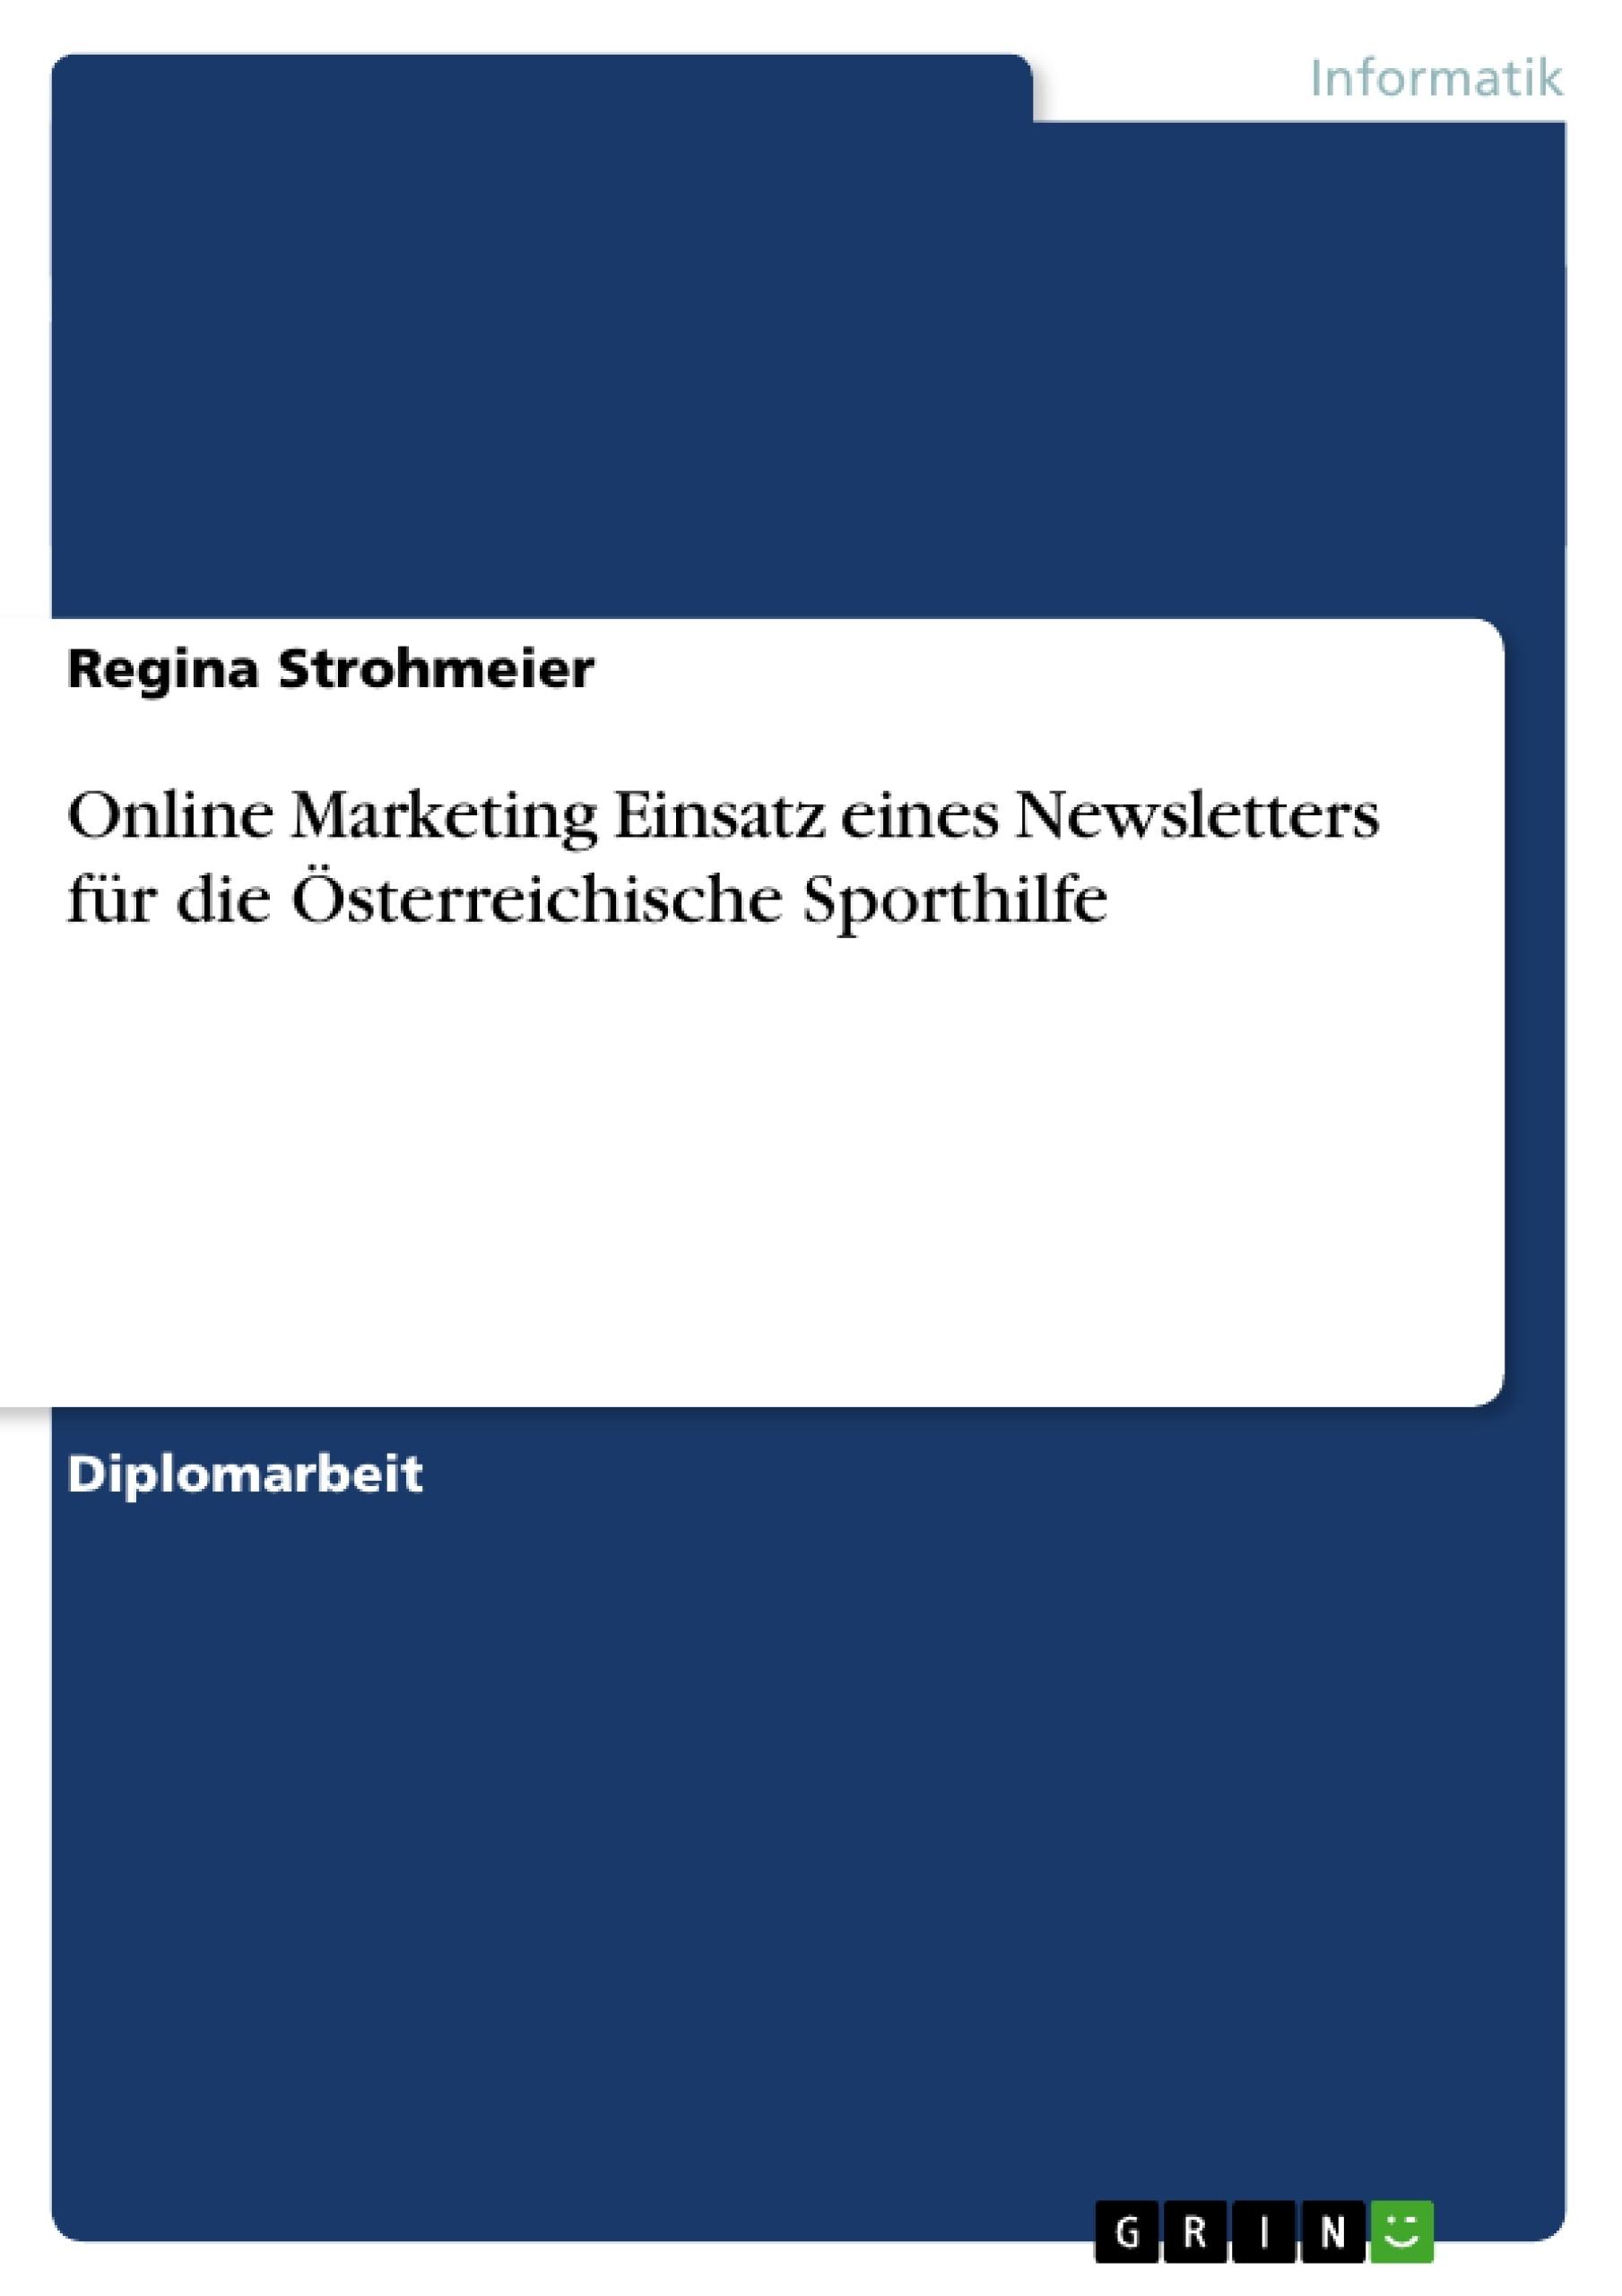 Titel: Online Marketing Einsatz eines Newsletters für die Österreichische Sporthilfe